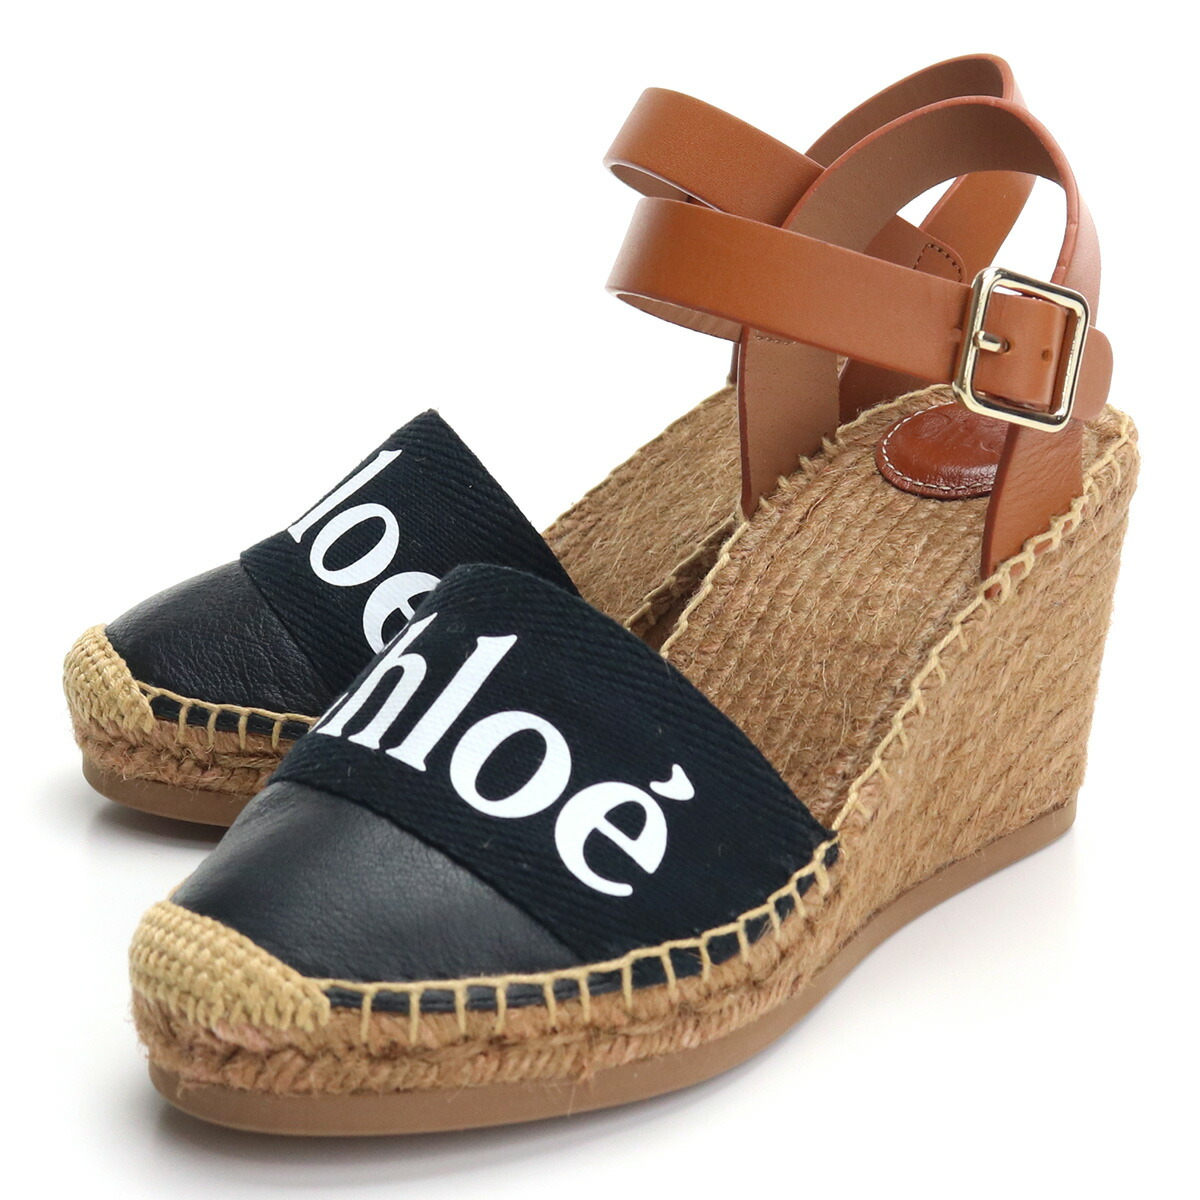 クロエ CHLOE サンダル CHC21U448R4 001 BLACK ブラック shoes-01 レディース